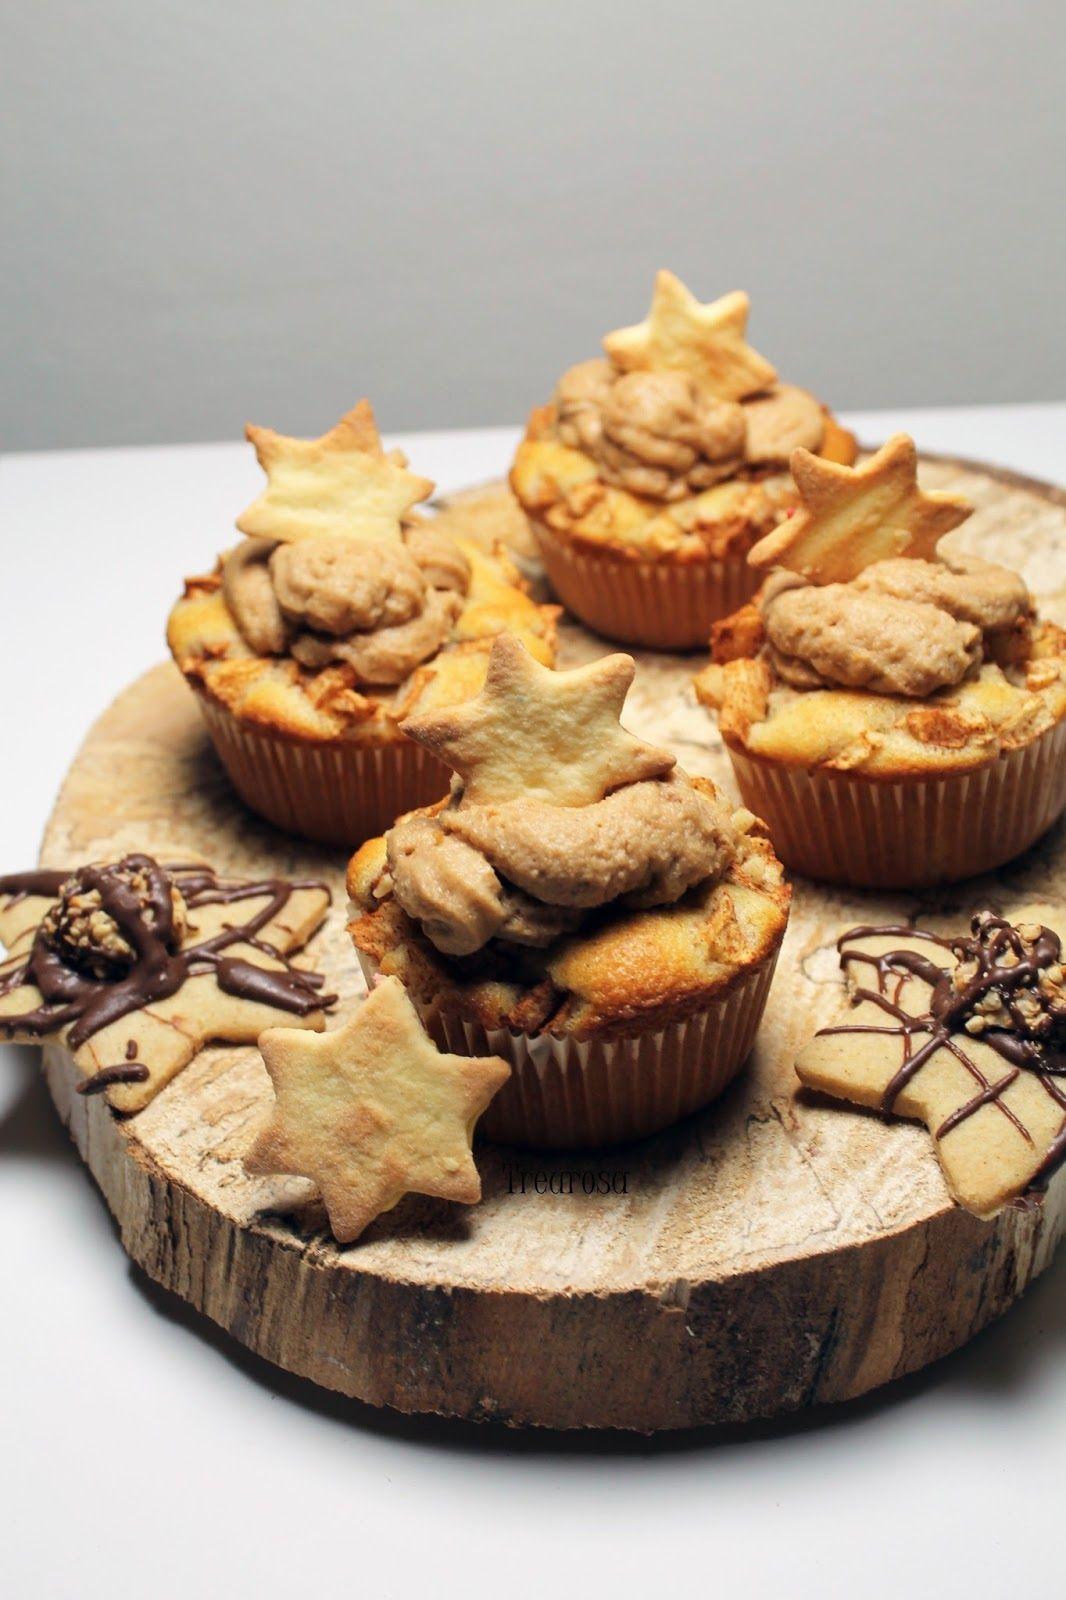 Leckere Apfel-Zimt Muffins mit Spekulatiustopping. Sehr einfach zuzubereiten und sehr lecker!